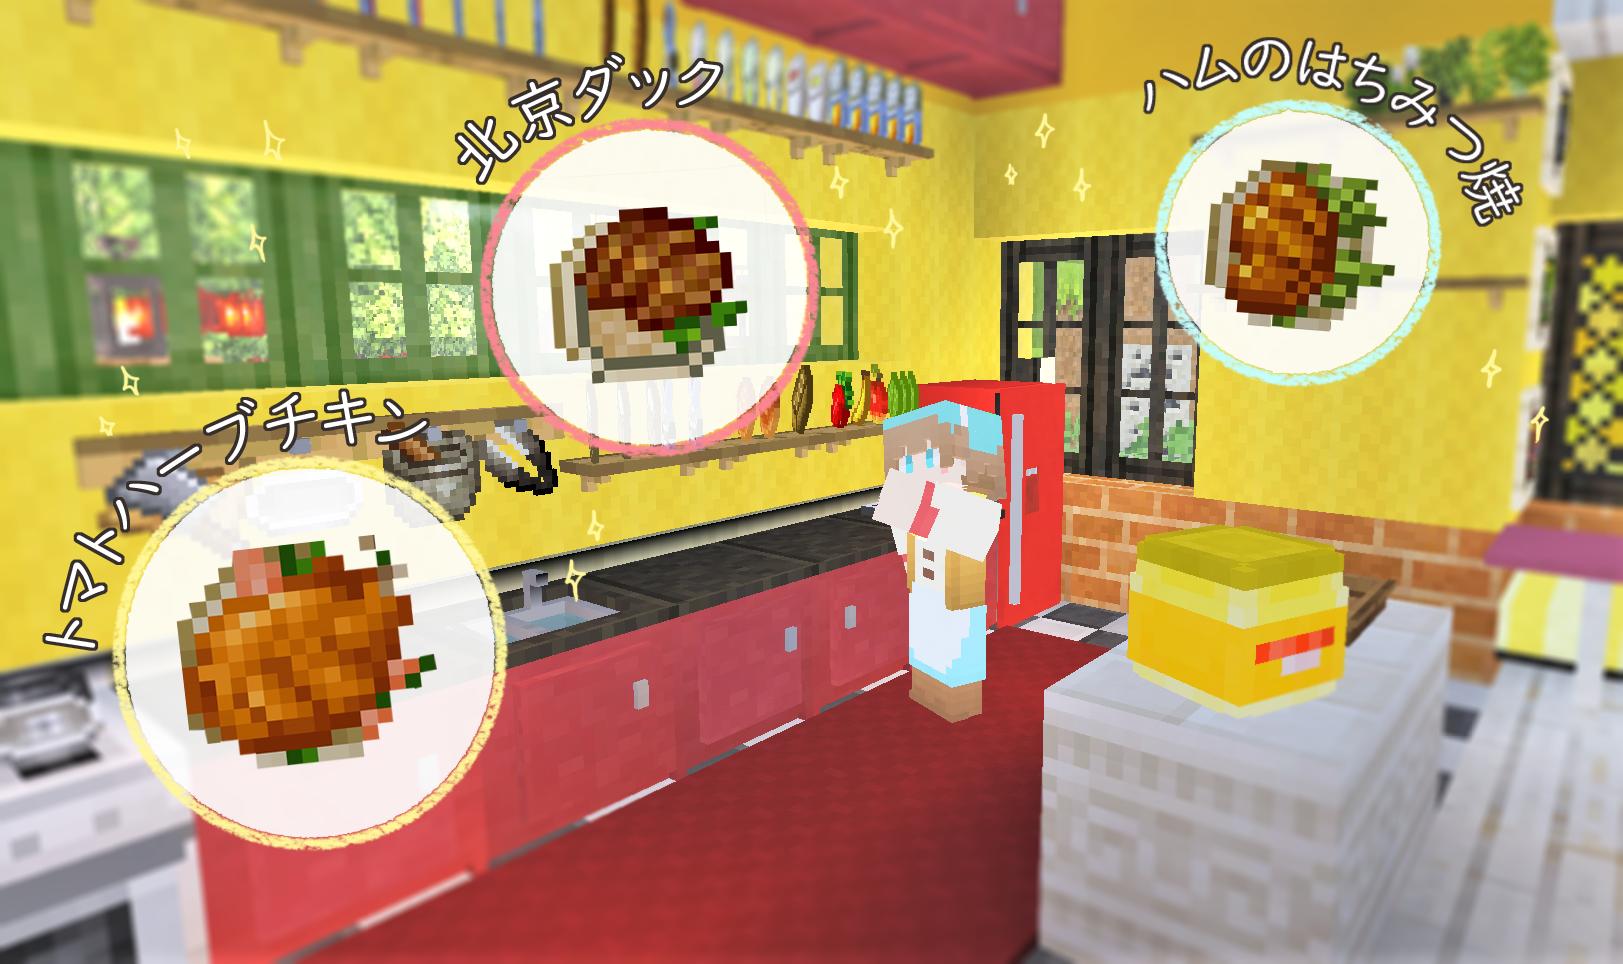 お肉食べたい in kitchin.png